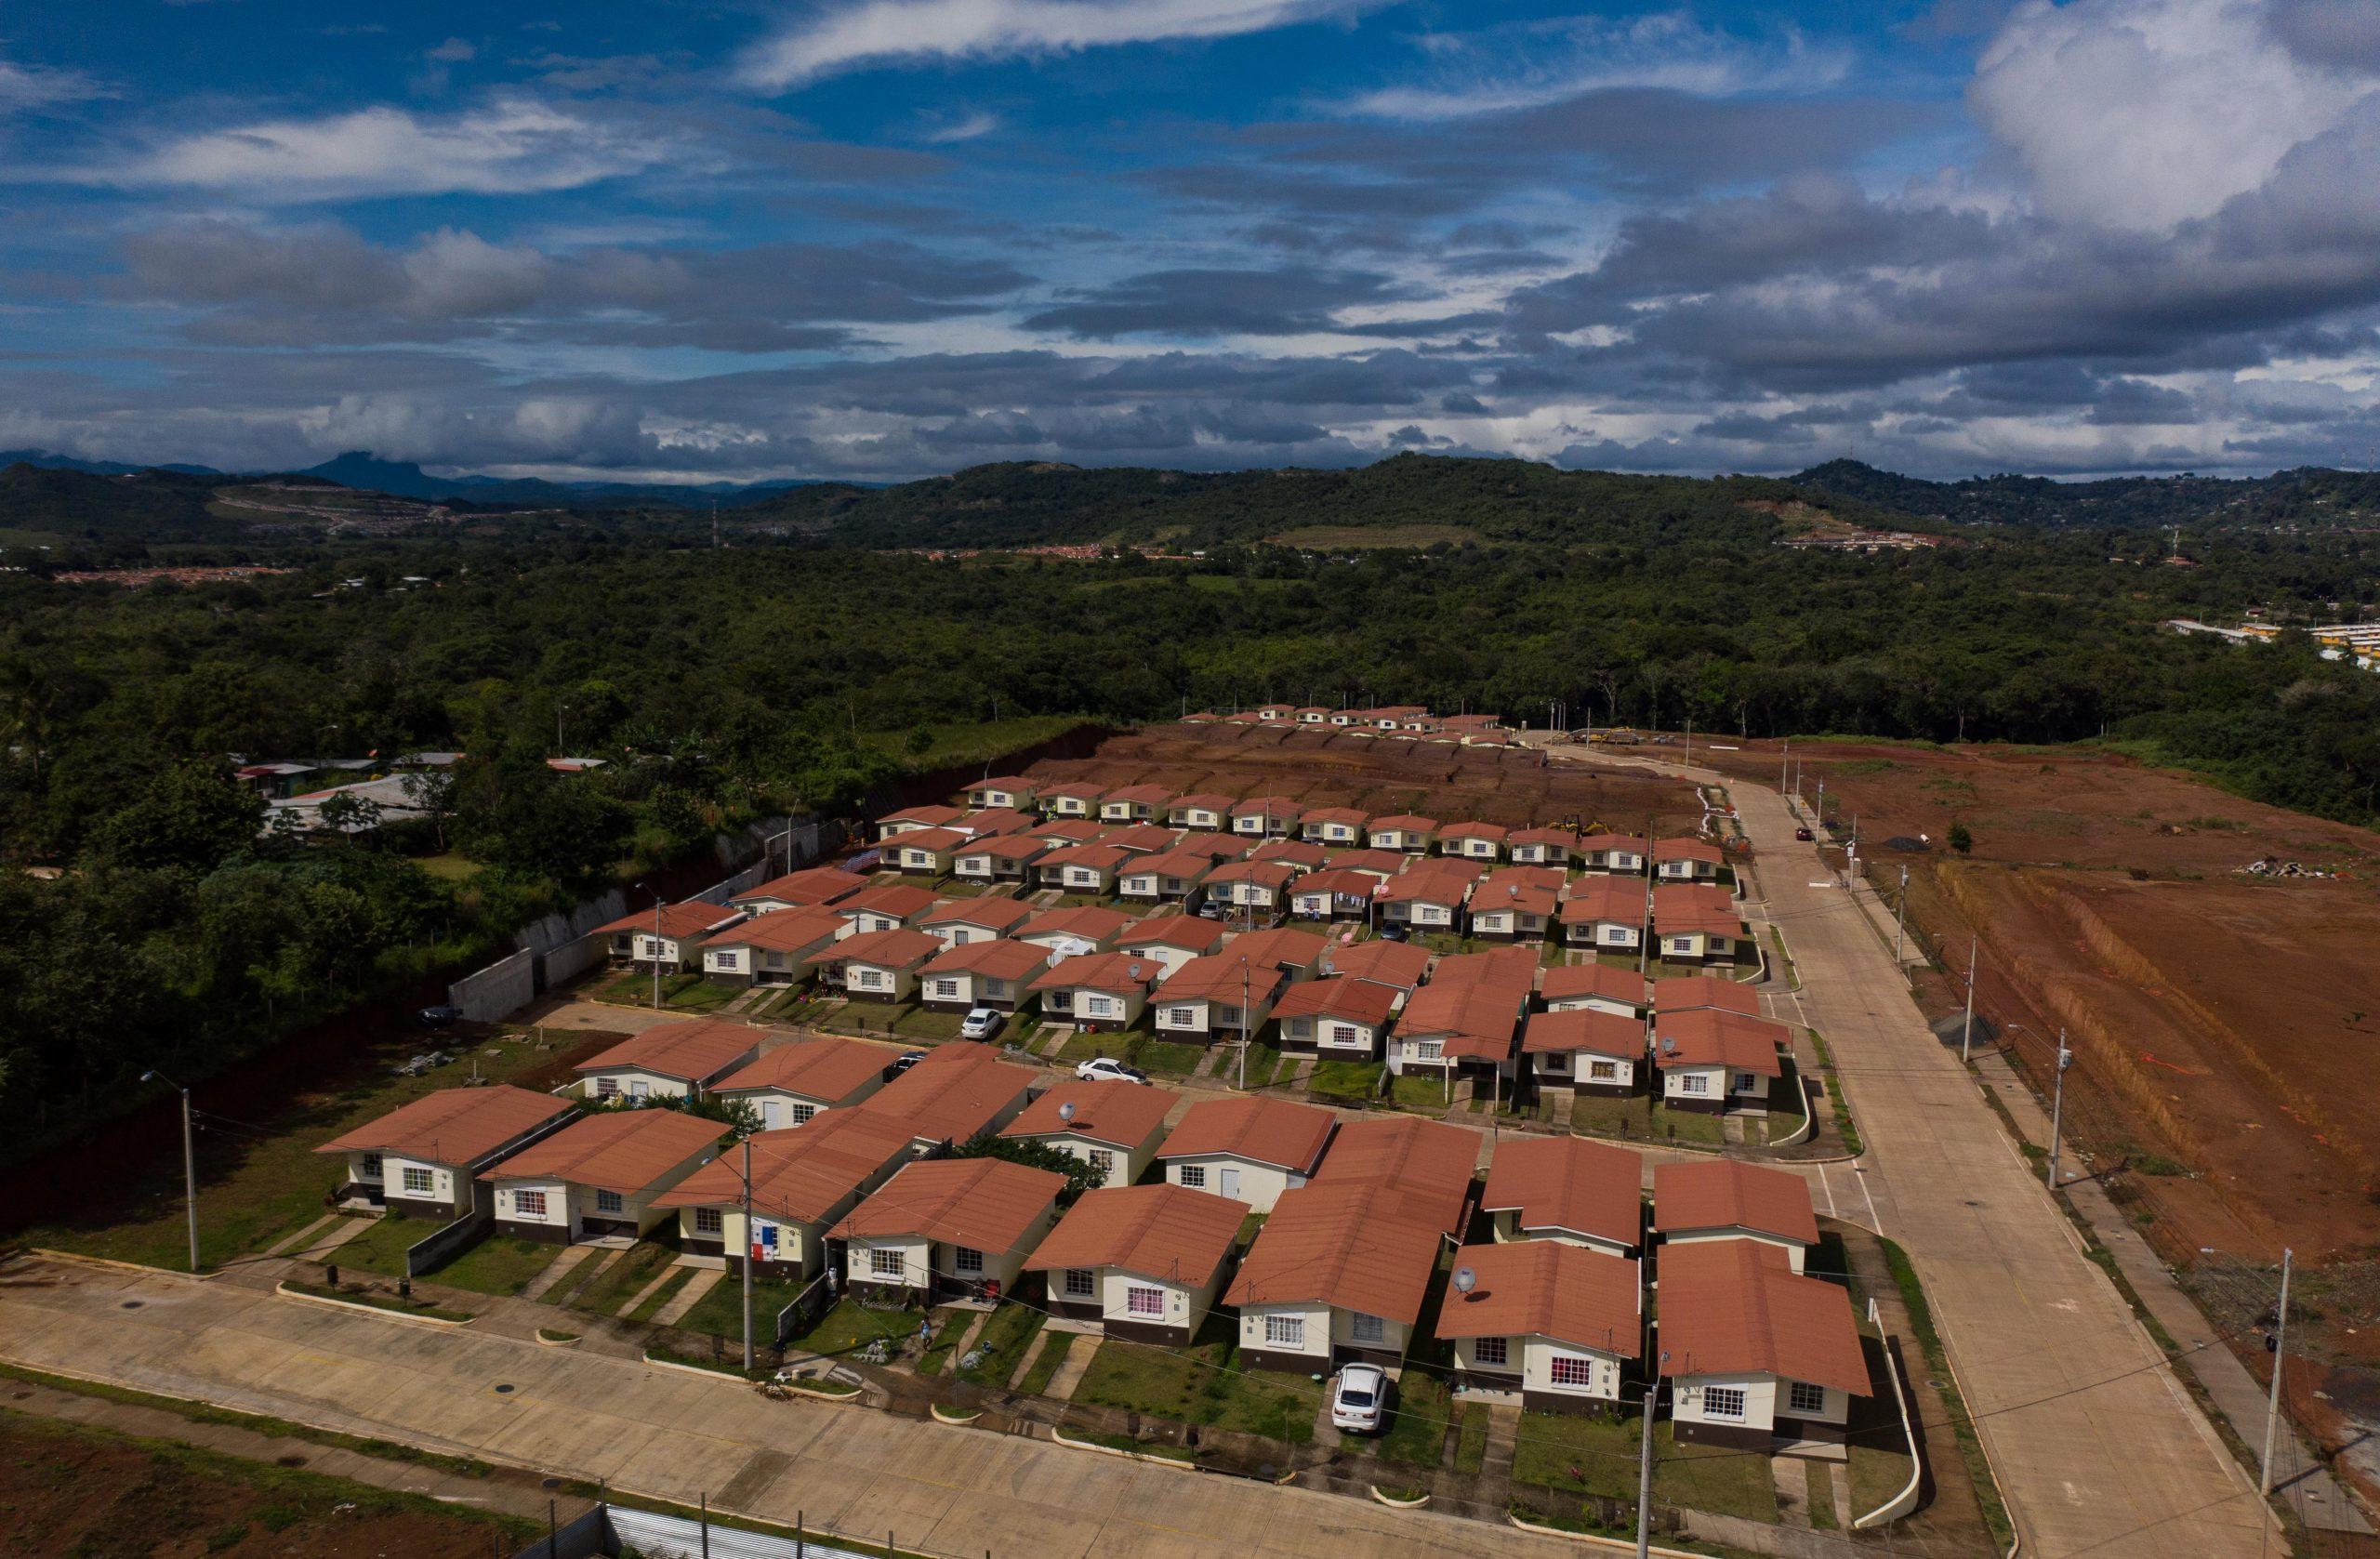 Proyectos de vivienda en Panamá - Proyectos de casas económicas en Panamá